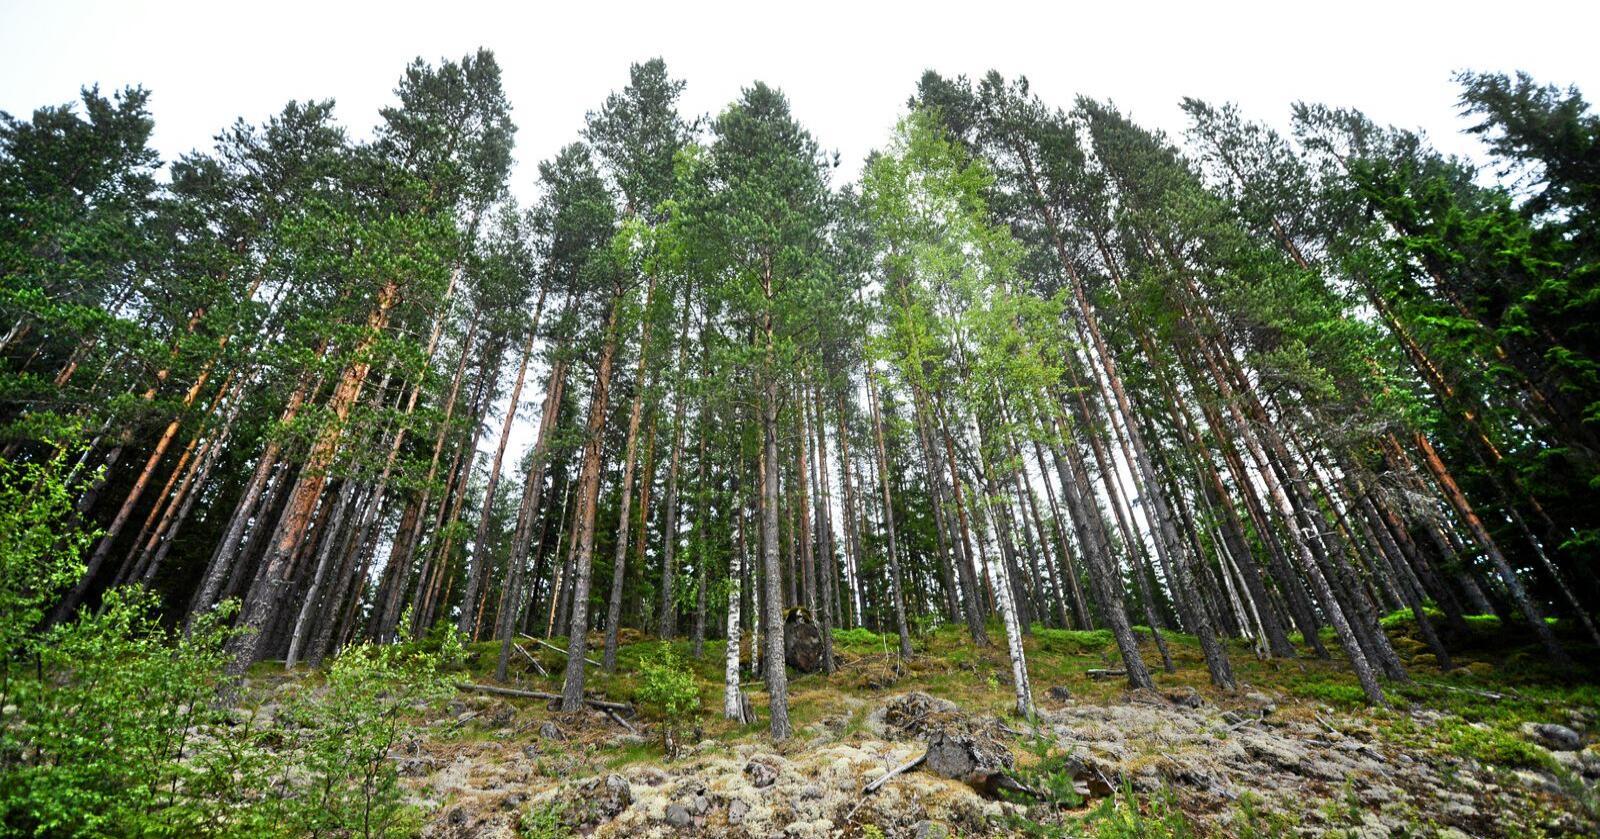 Miljørørsla heier i for liten grad på ein aktiv skogpolitikk som ein viktig del av klimapolitikken, skriv Geir Pollestad (Sp). Foto: Siri Juell Rasmussen